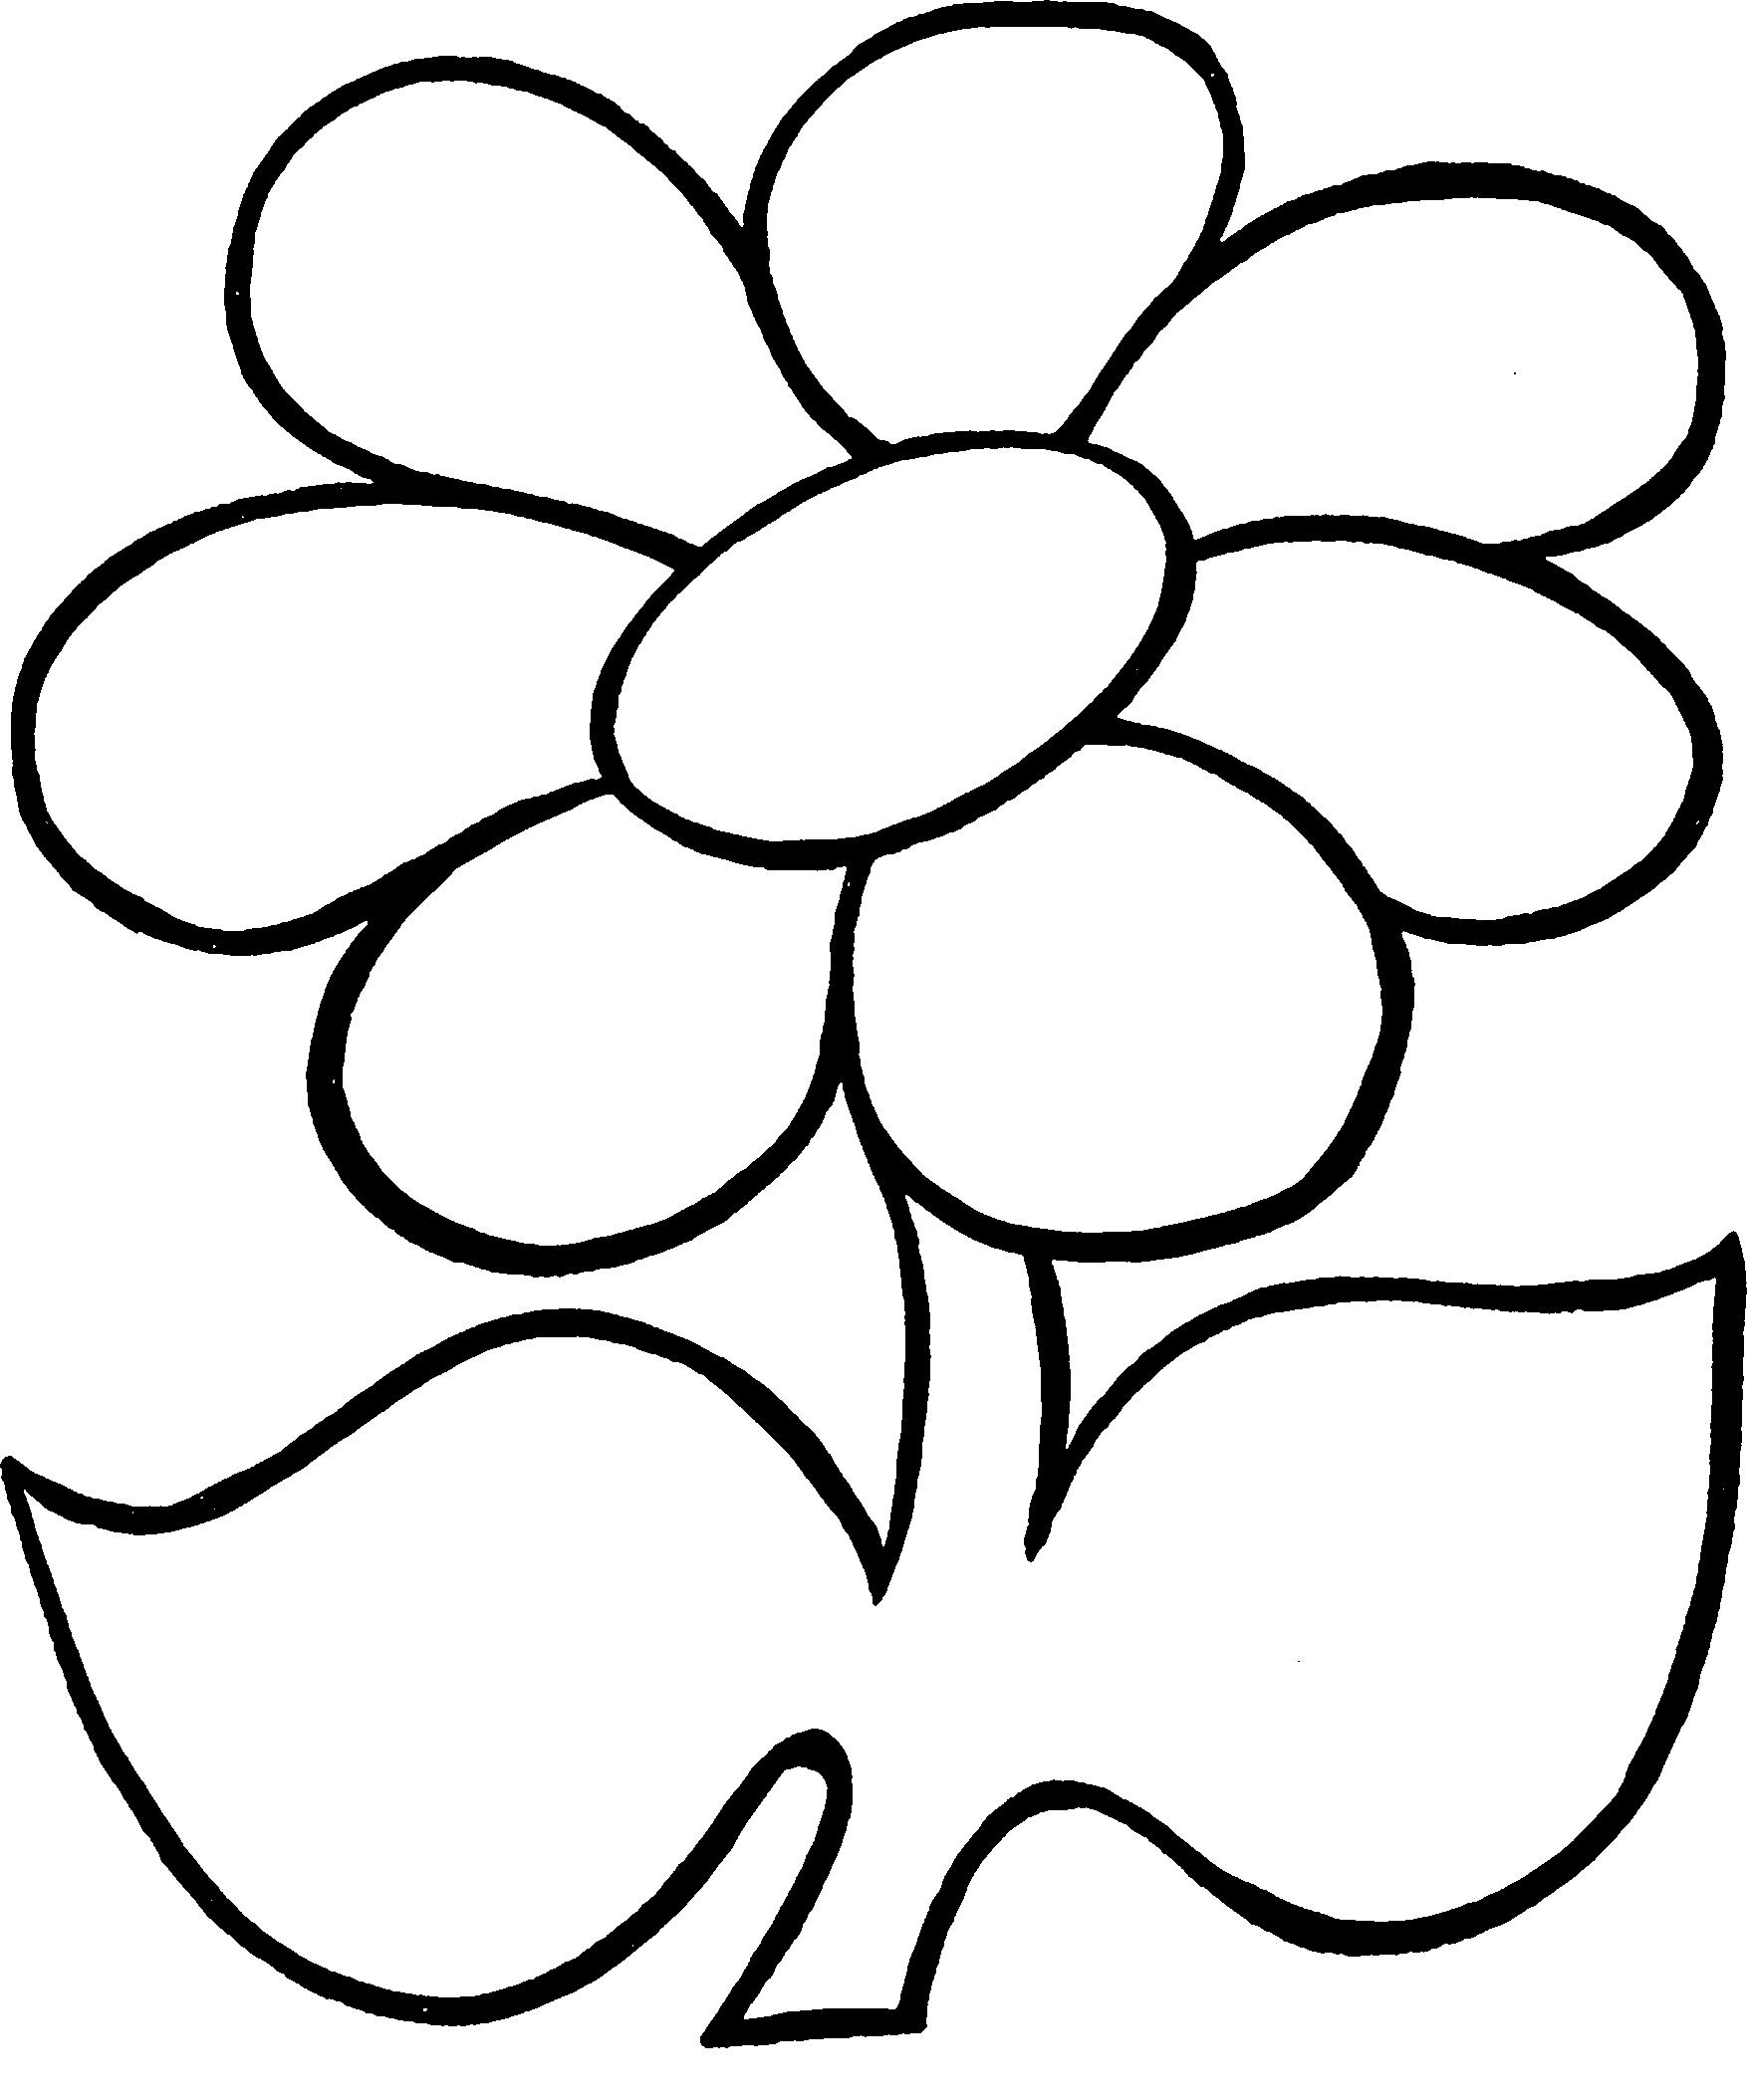 Картинки для детей цветок раскраска, поздравление брату